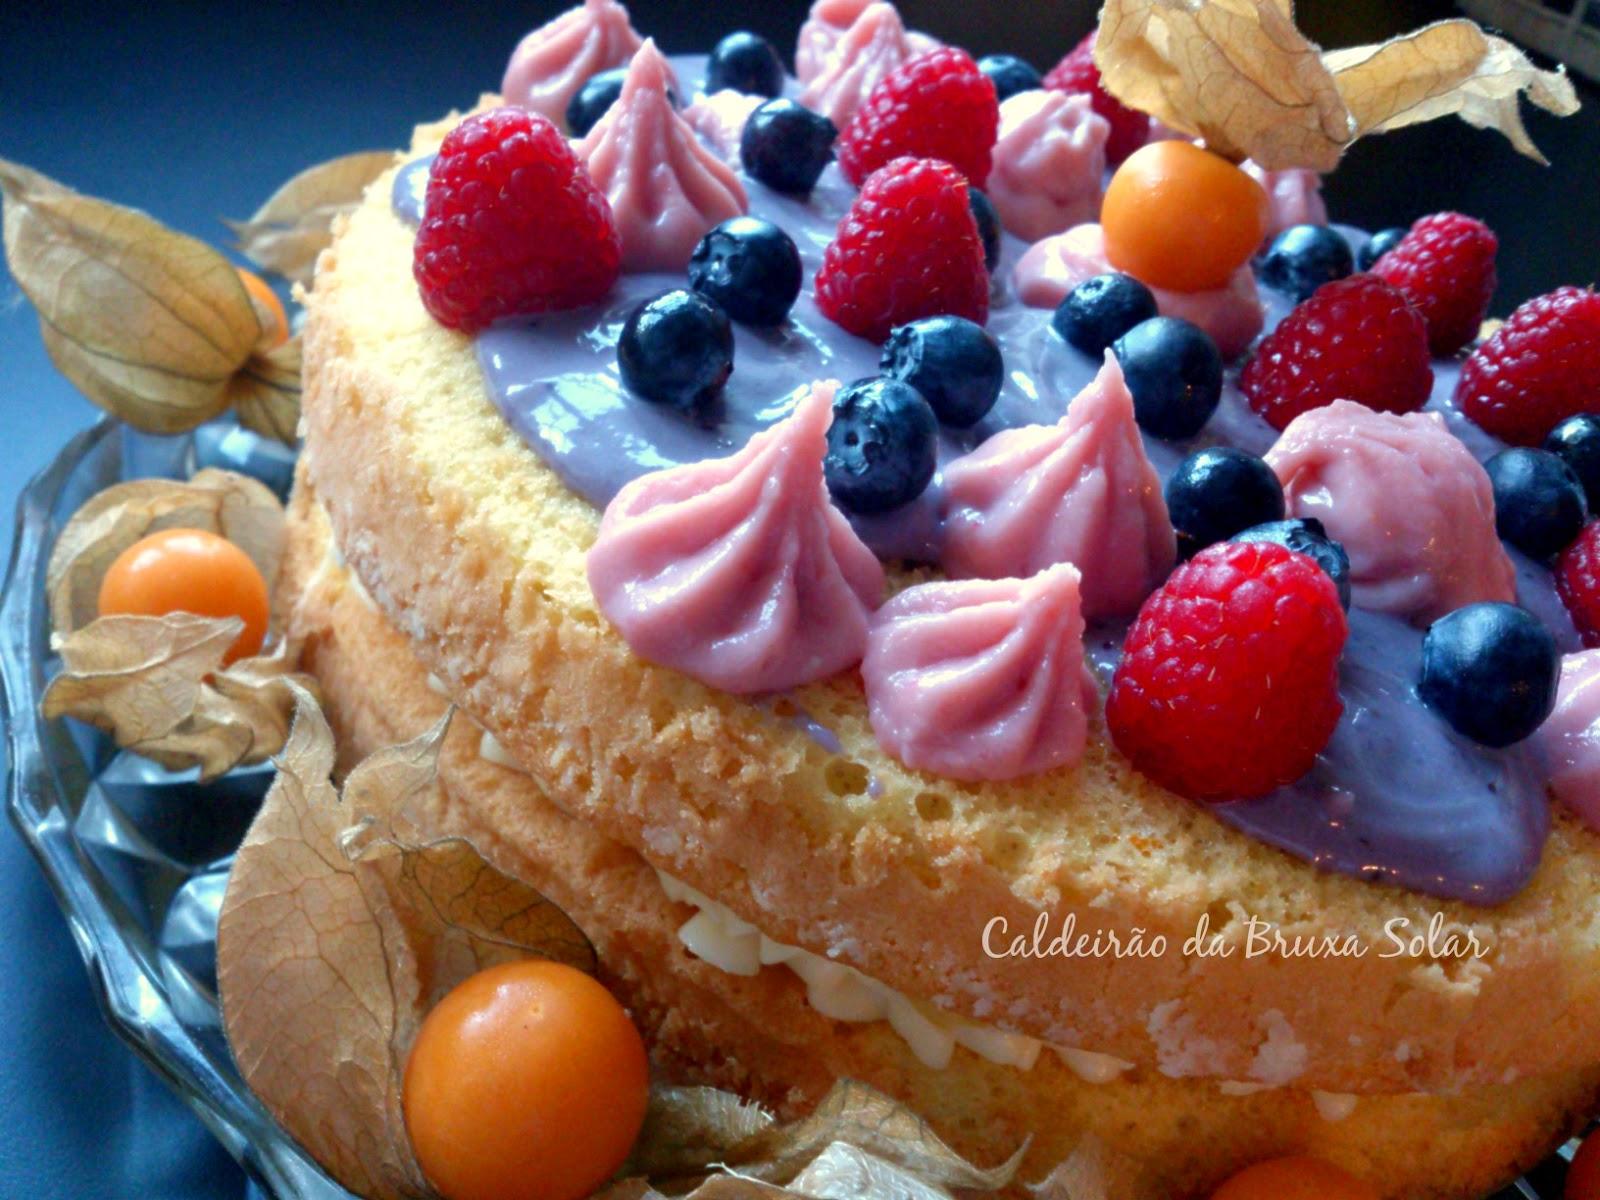 Naked Cake de laranja com ganache de frutas diversas